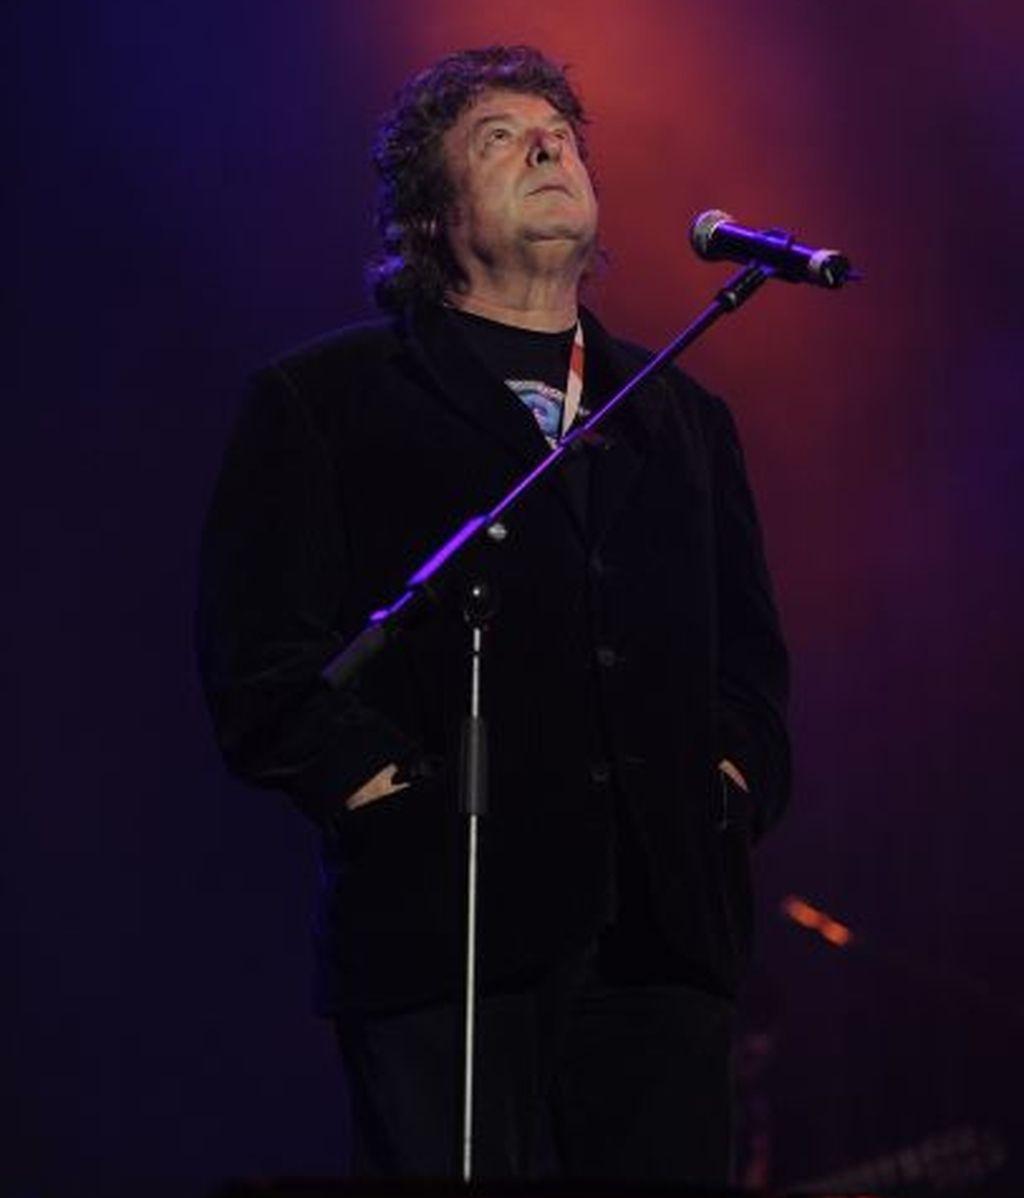 Fallece el cantaor Enrique Morente